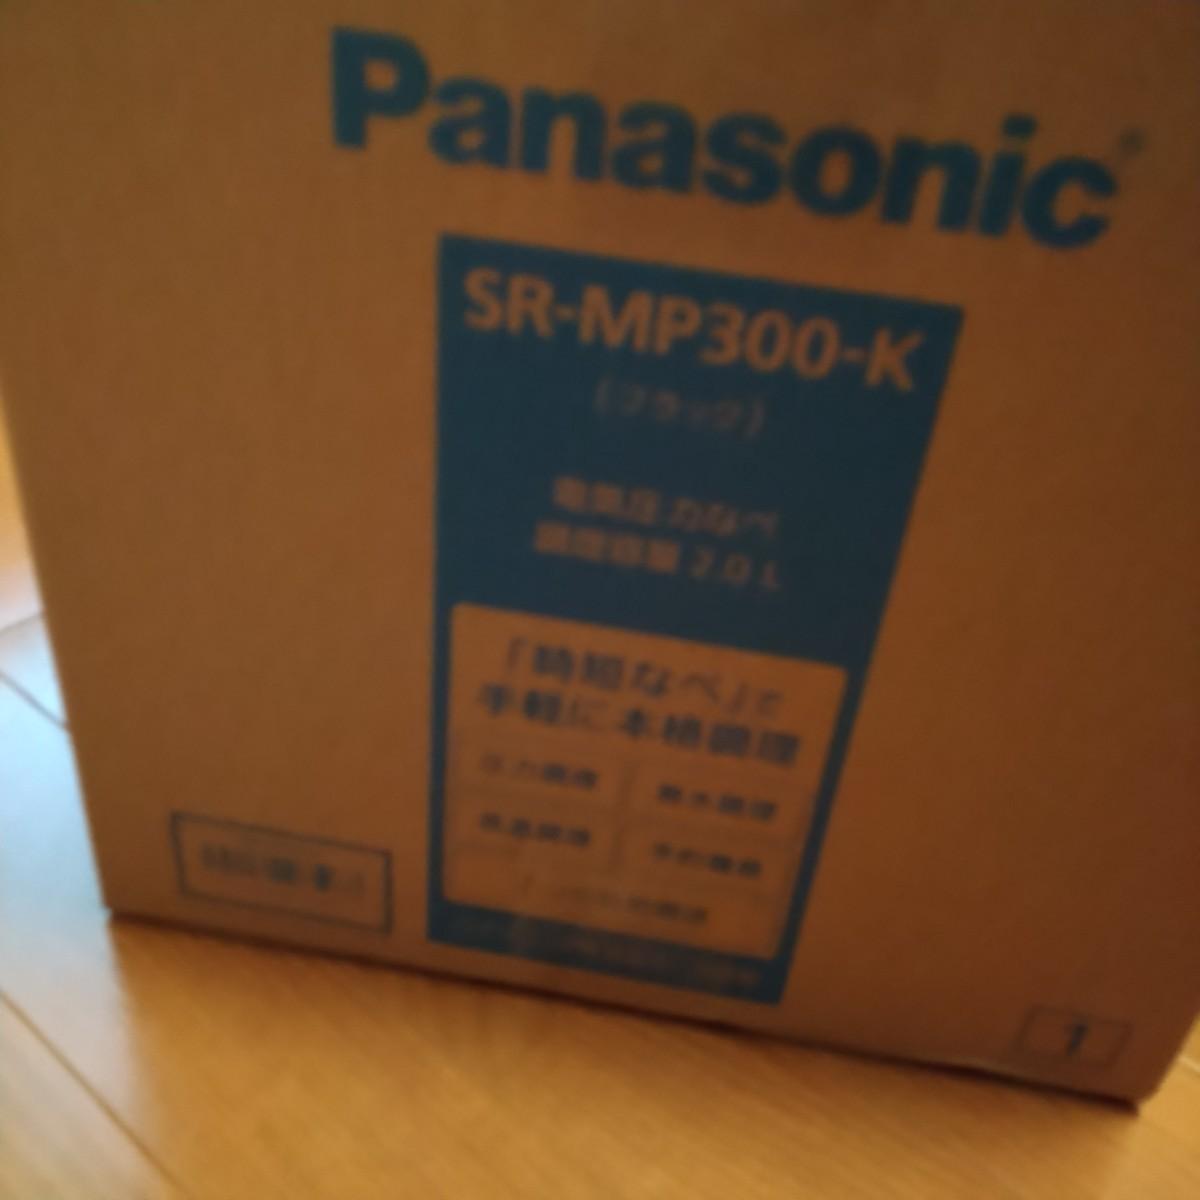 電気圧力鍋 パナソニック SR-MP300-K